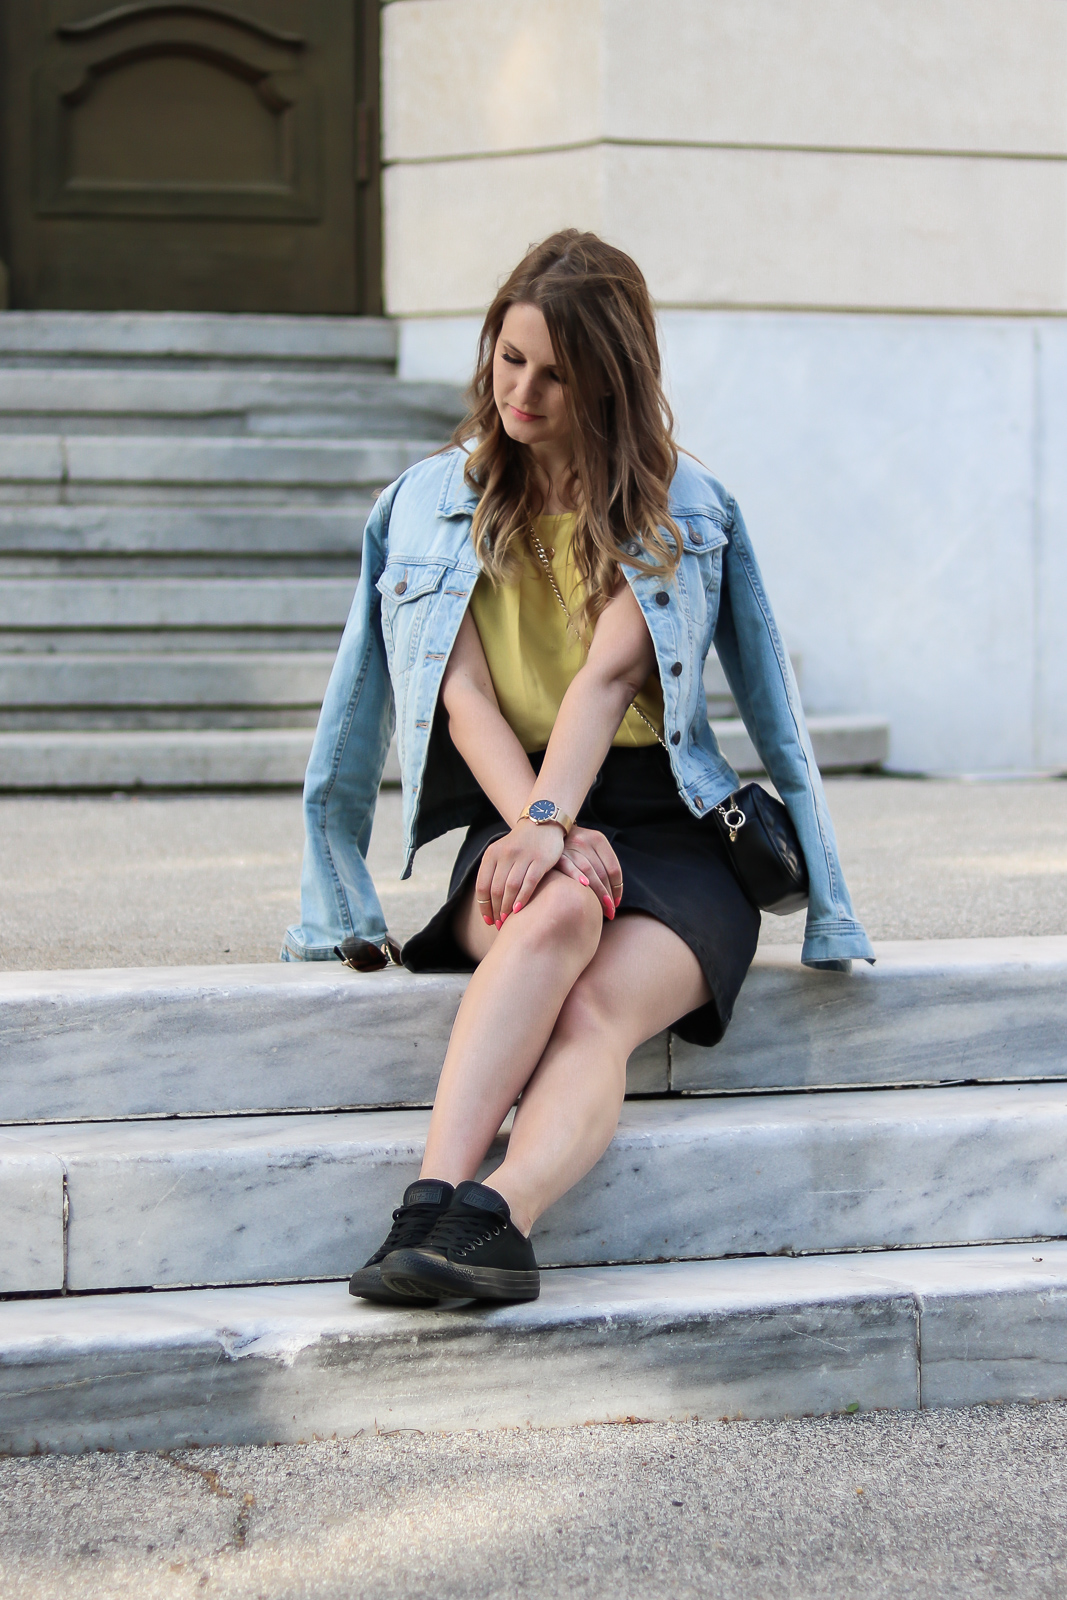 Trendfarbe Gelb - hol dir die Sonne in den Kleiderschrank - Gelb kombinieren - Grauen Rock-gelbe Bluse und Jeansjacke kombinieren - Gelbe Outfit Kombination - Gelbe Kleidungsstücke - Trendfarbe des Sommers -Fashionladyloves by Tamara Wagner - Fashion Blog - Modeblog aus Graz Österreich